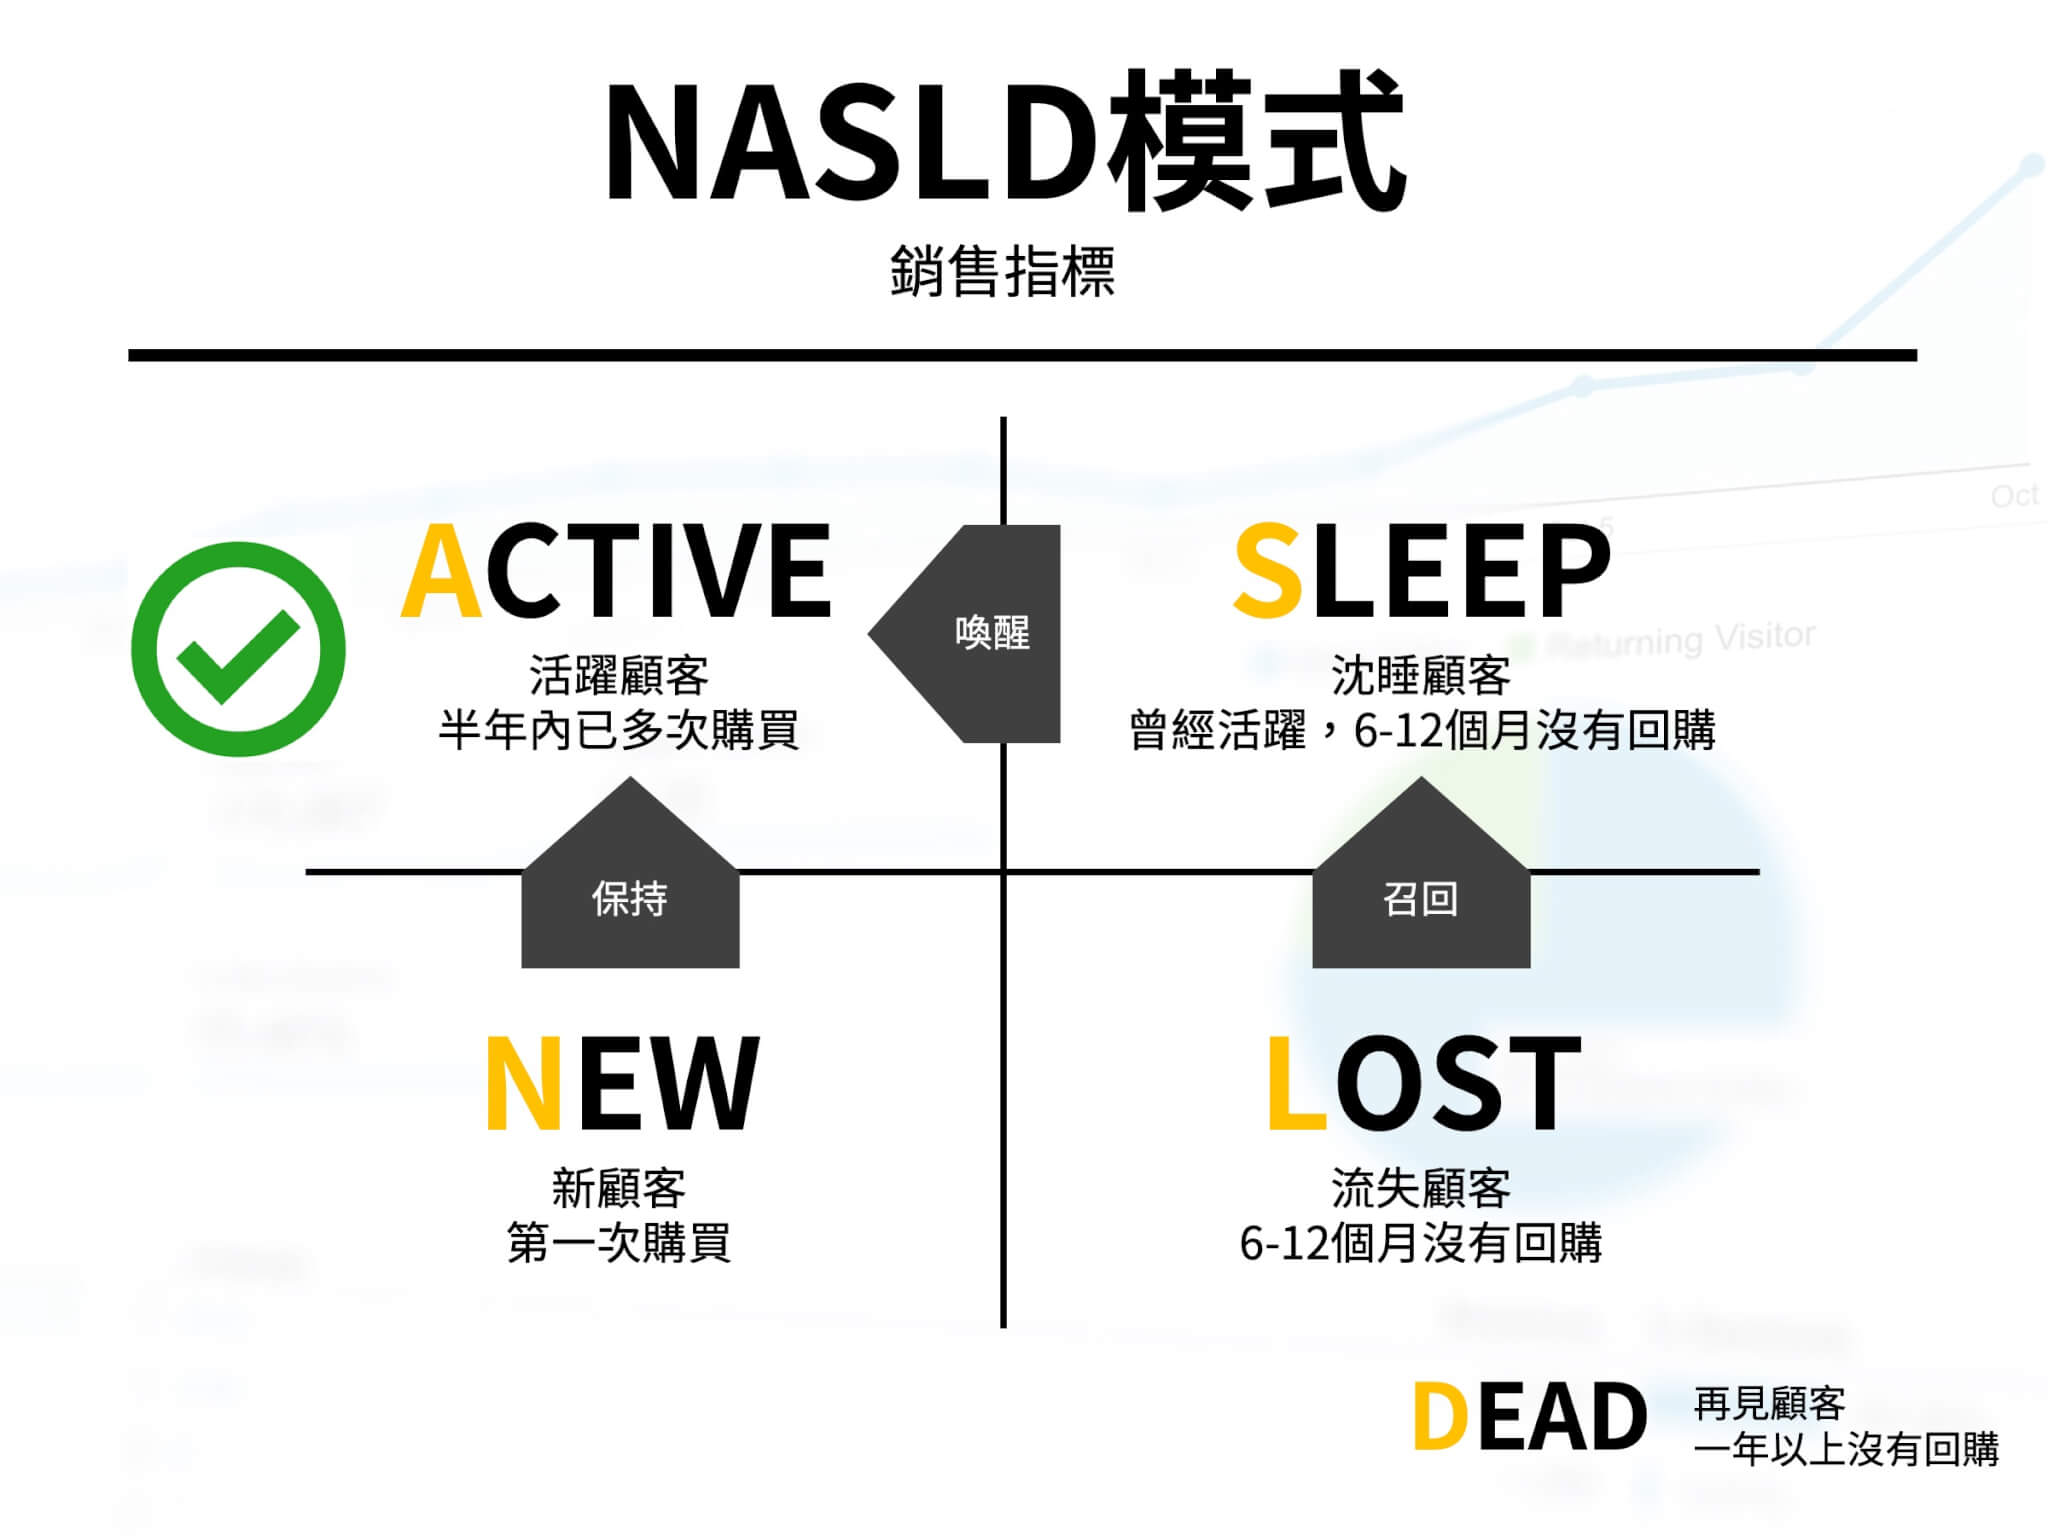 資深電商人必須了解的兩大指標NASLD